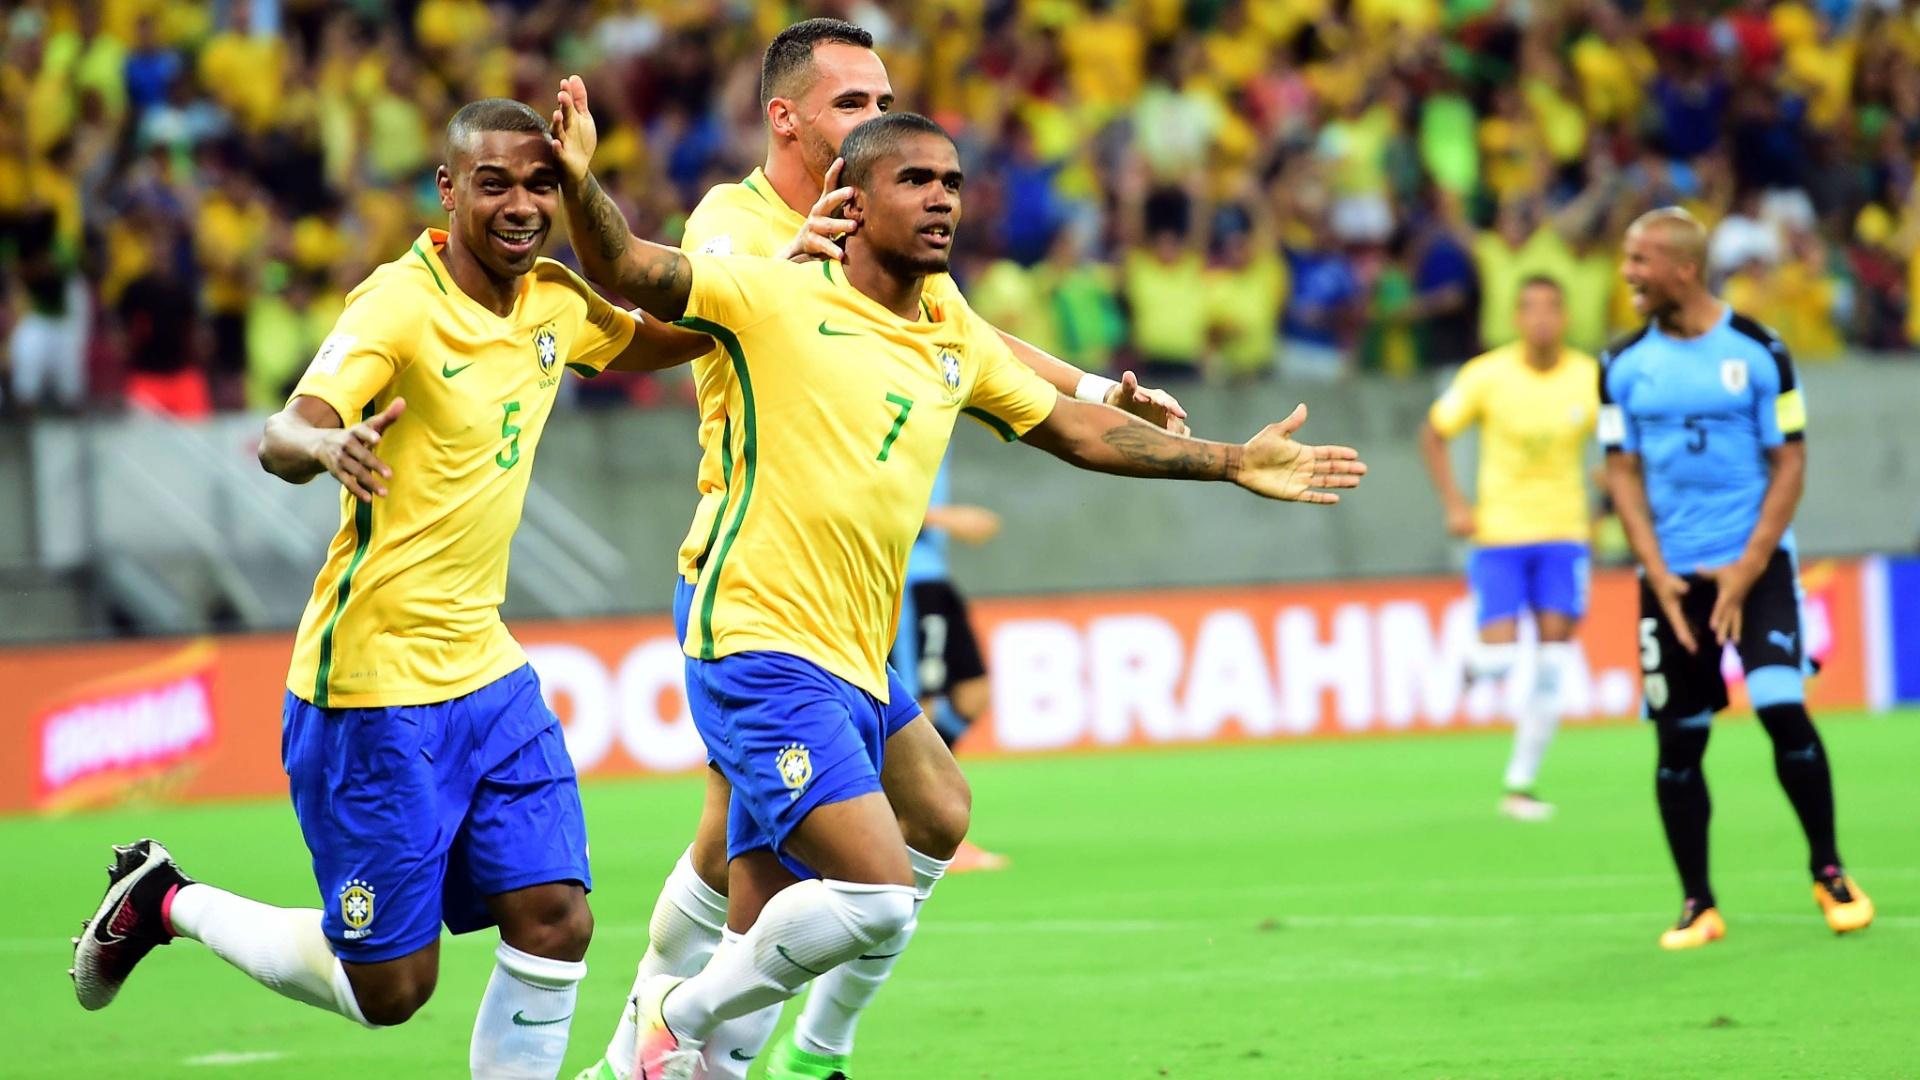 Douglas Costa comemora gol marcado pelo Brasil sobre o Uruguai